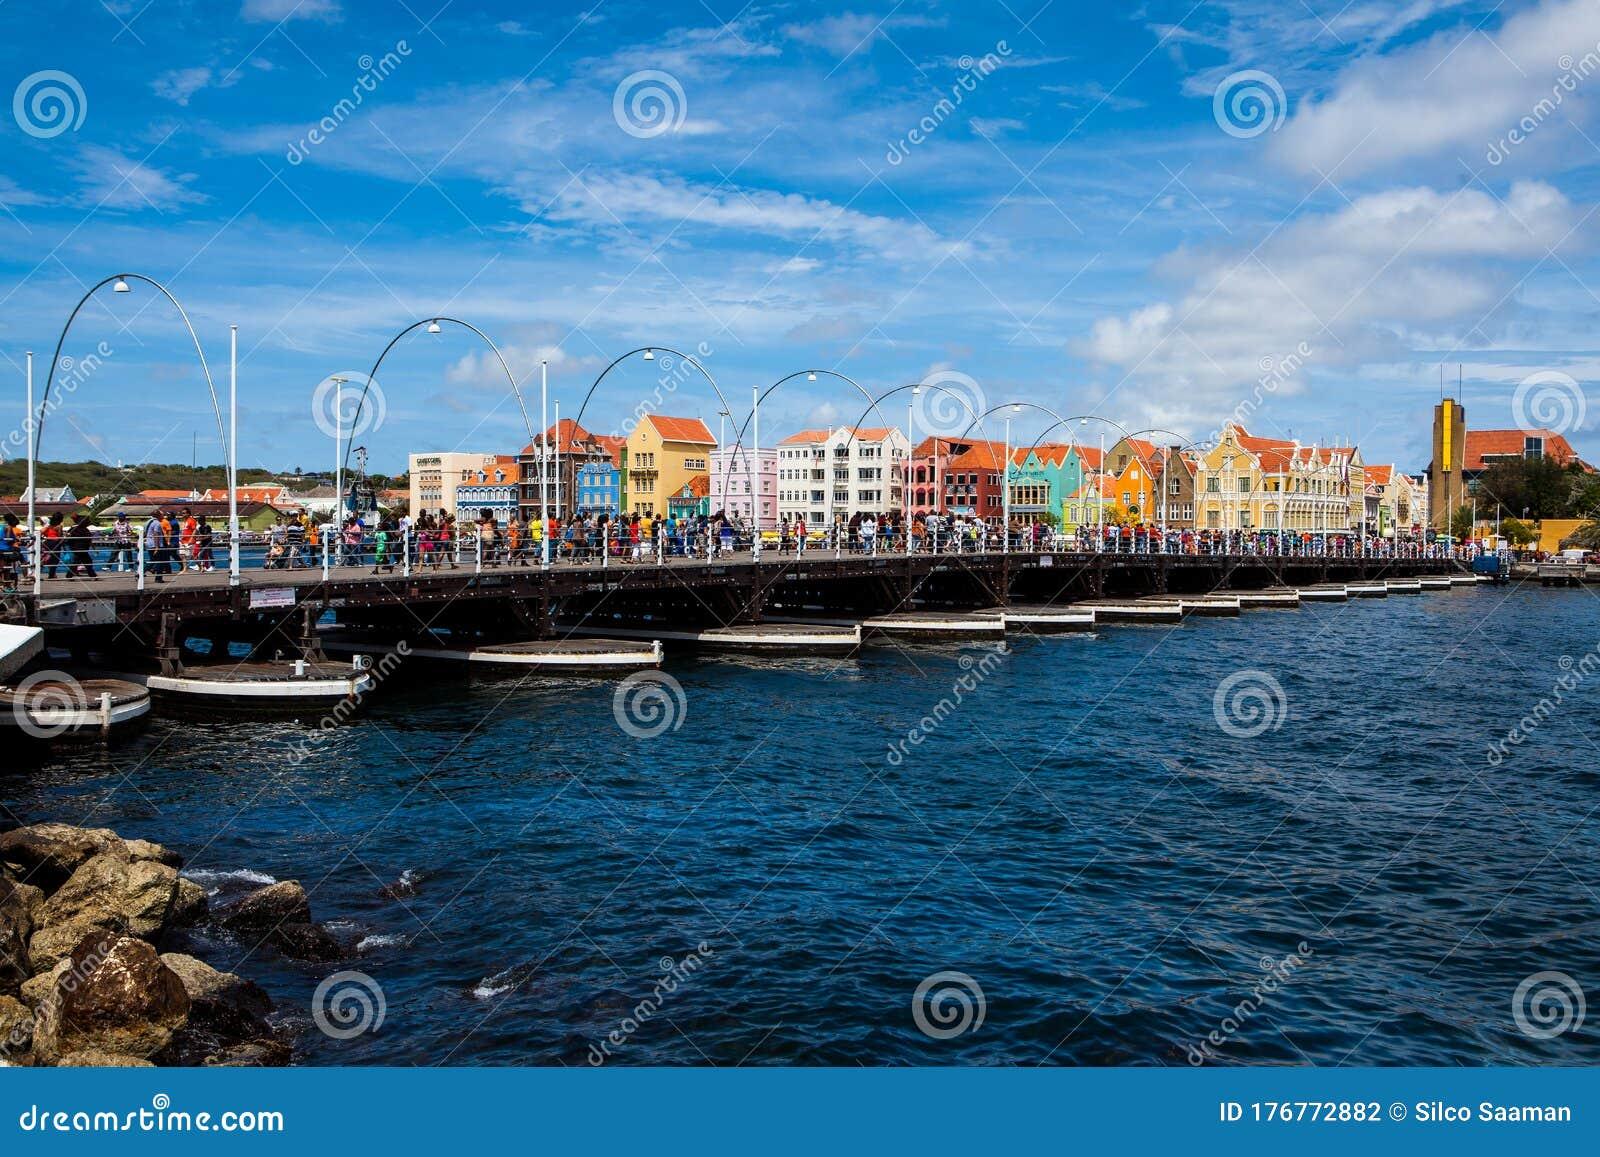 Pontjesbrug Willemstad editorial photography. Image of ...